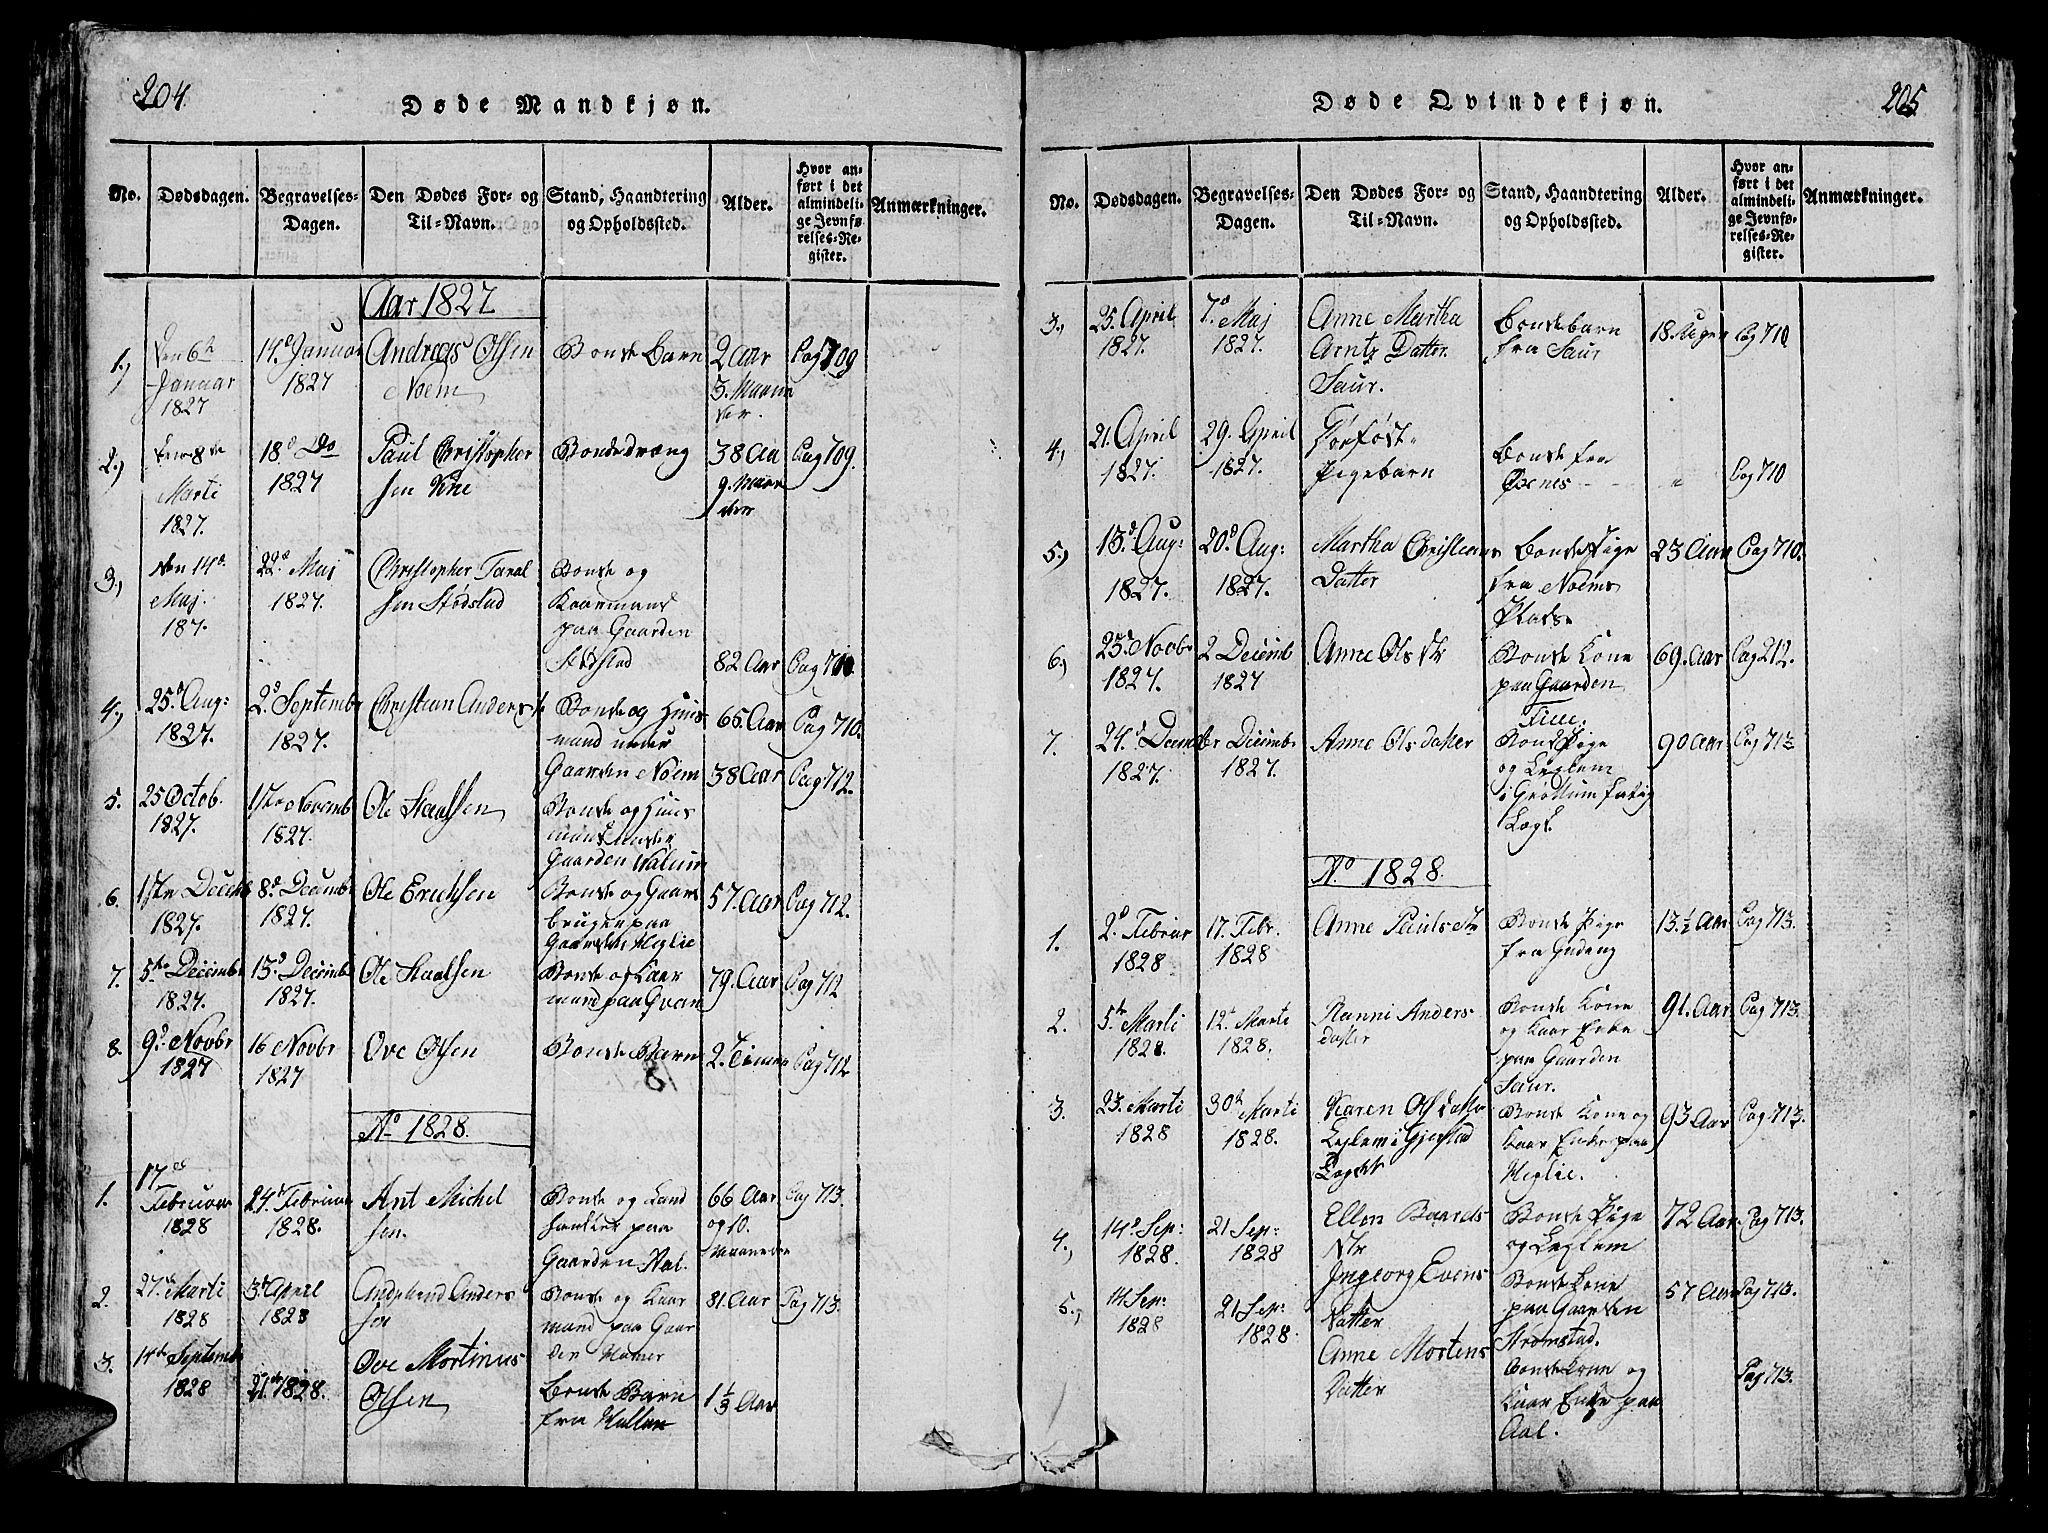 SAT, Ministerialprotokoller, klokkerbøker og fødselsregistre - Nord-Trøndelag, 747/L0459: Klokkerbok nr. 747C01, 1816-1842, s. 204-205